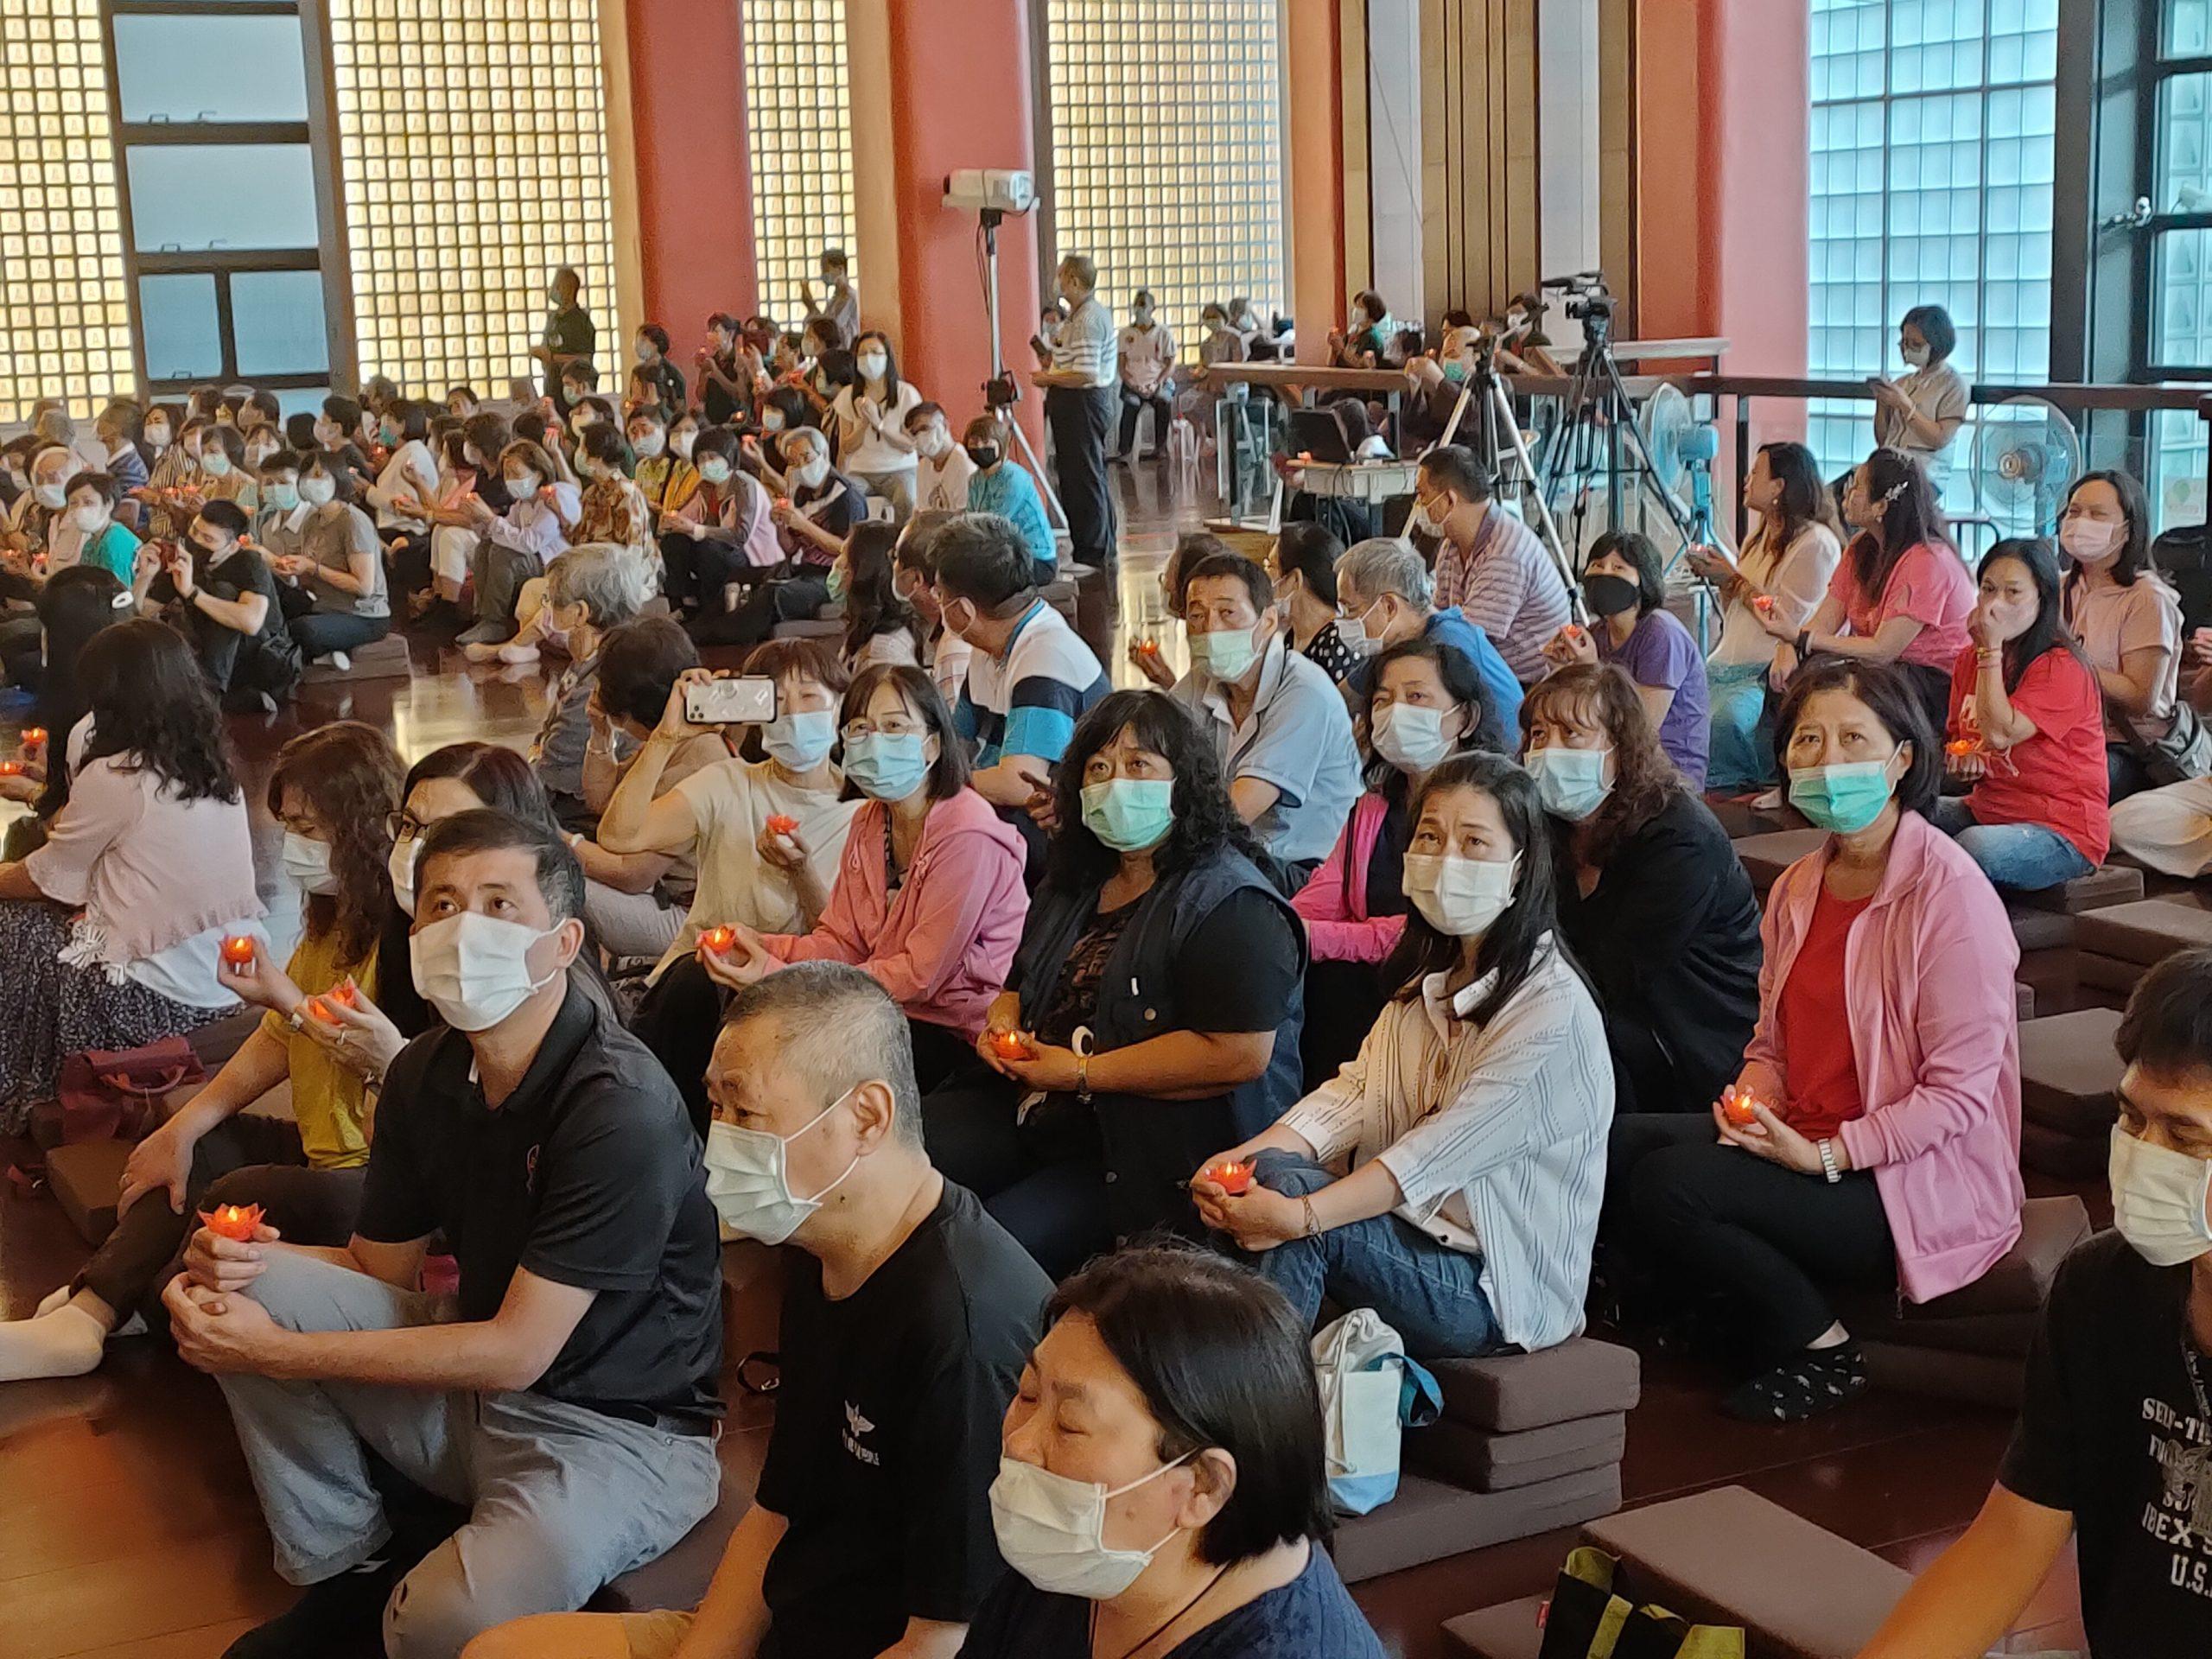 本願山配合中央政策採實名制報名登記,全程量體溫、配戴口罩,以防止疫情的蔓延。